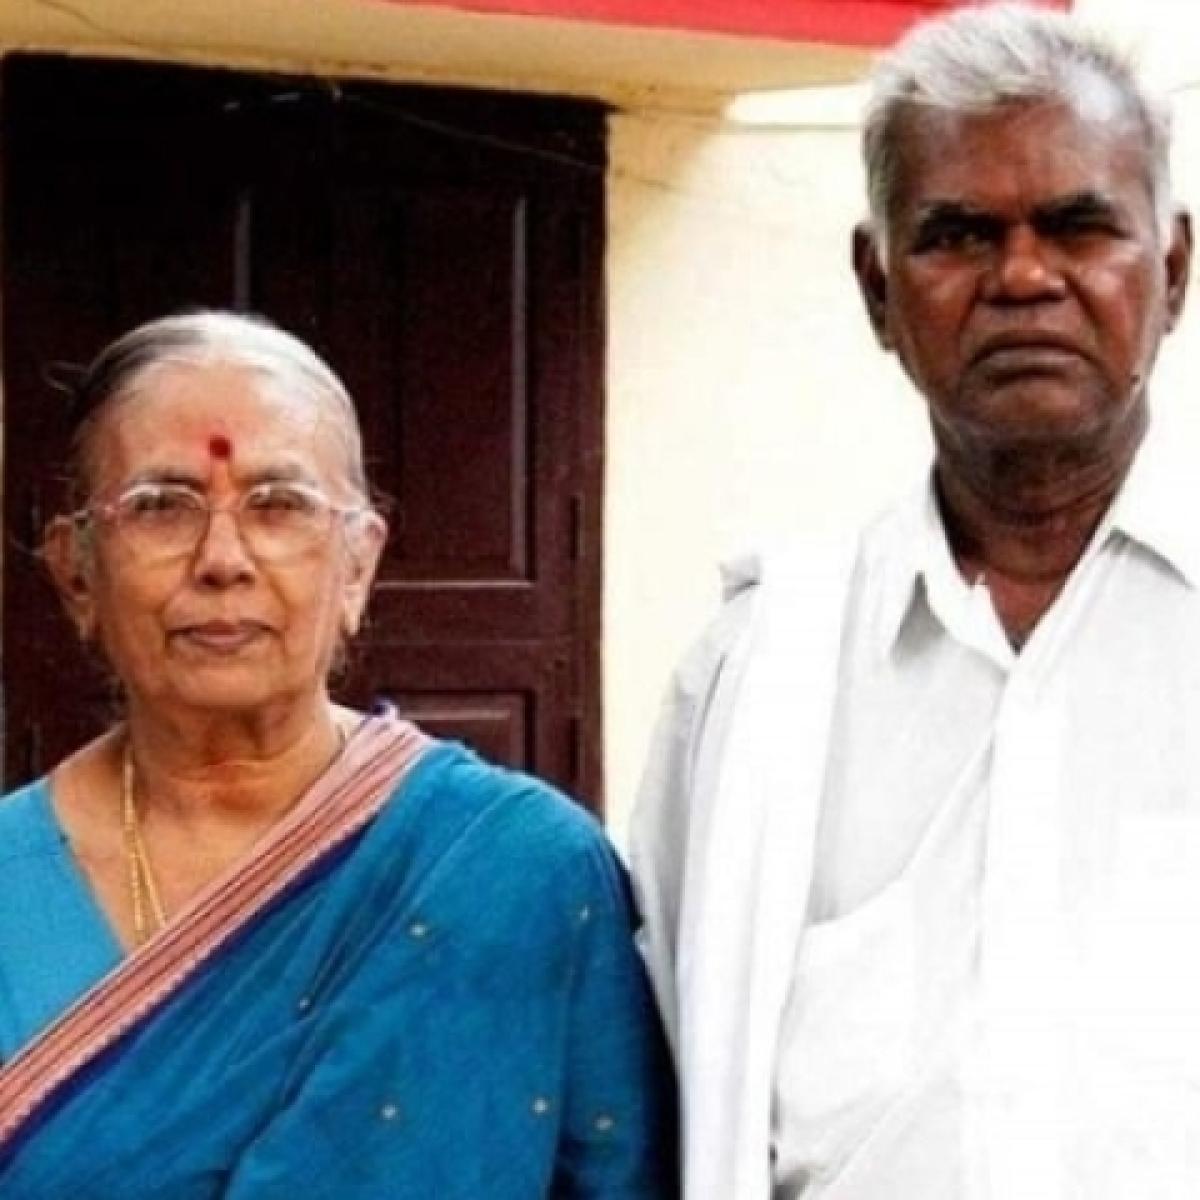 மனைவி ரஞ்சிதம் அம்மாளுடன் நல்லகண்ணு